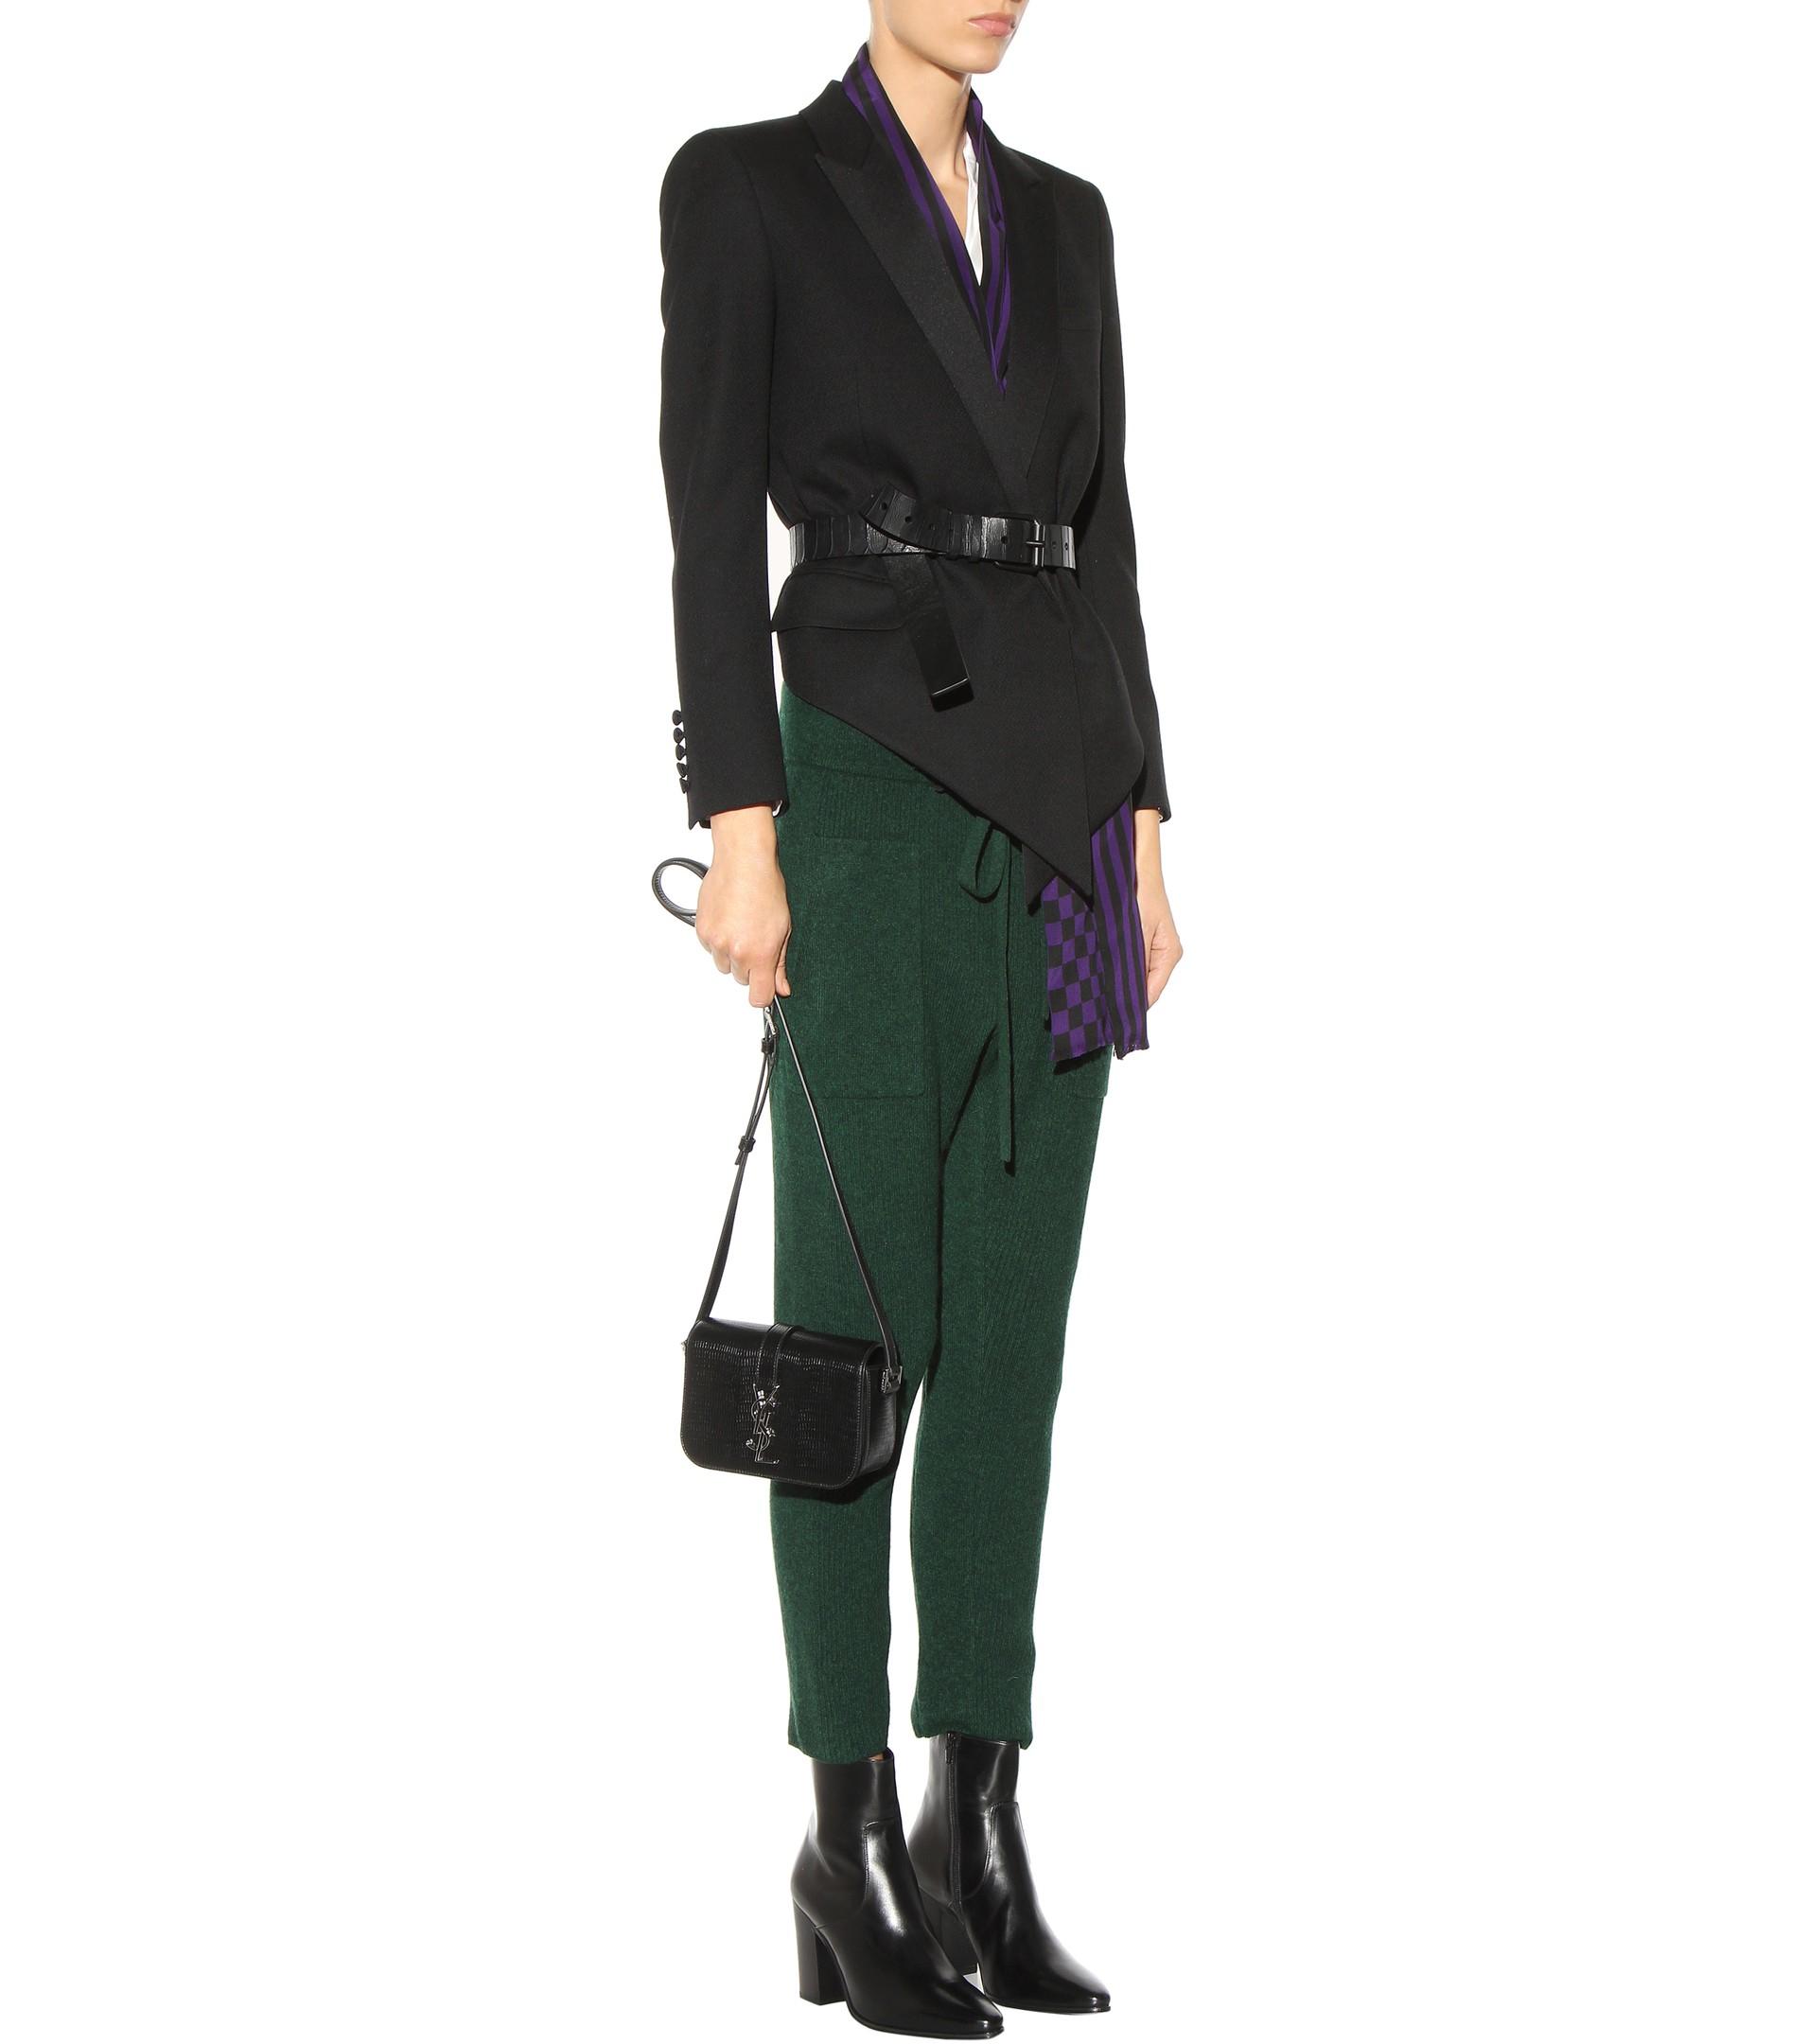 Saint Laurent Ysl Tri-pocket Bag In Black Leather